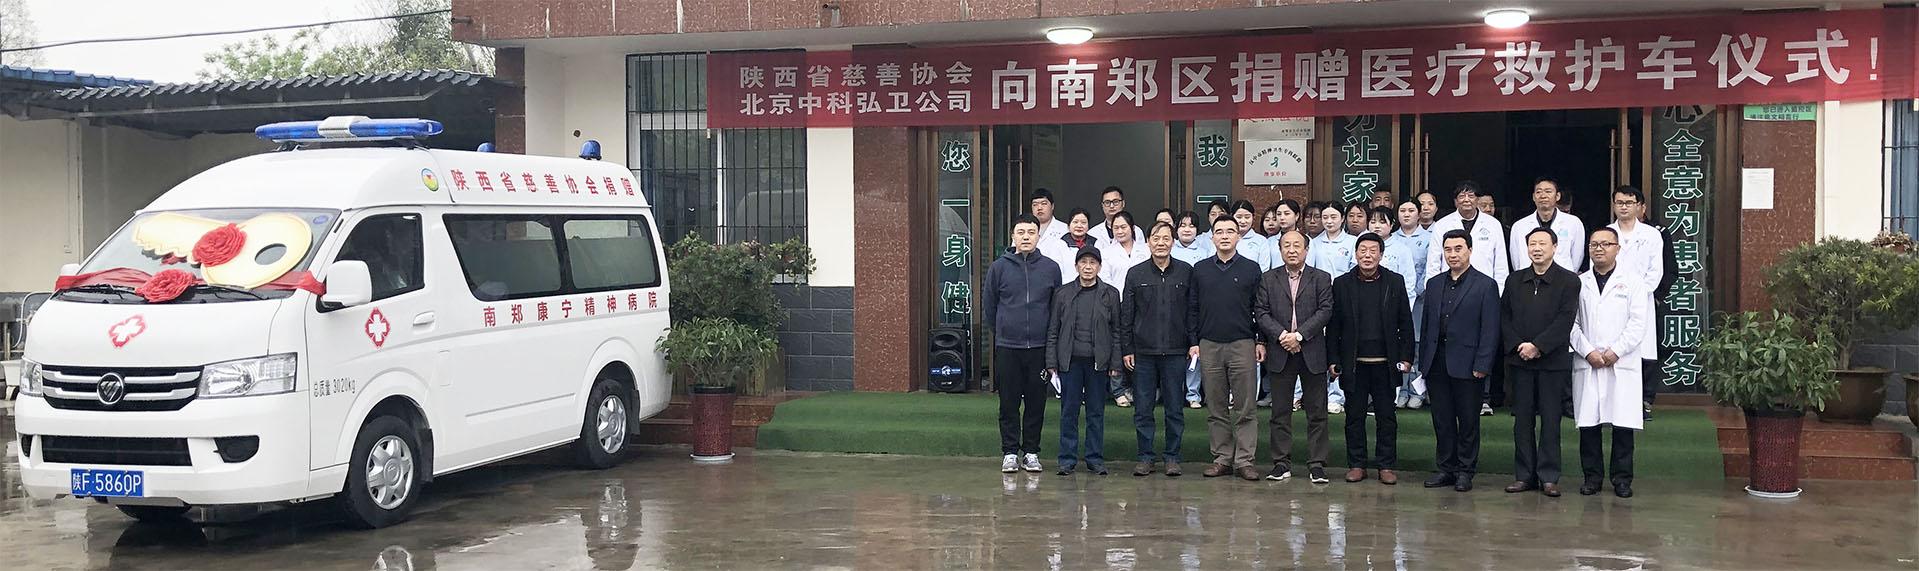 陕西省慈善协会 北京中科弘卫公司 向汉中市南郑区捐赠医用救护车